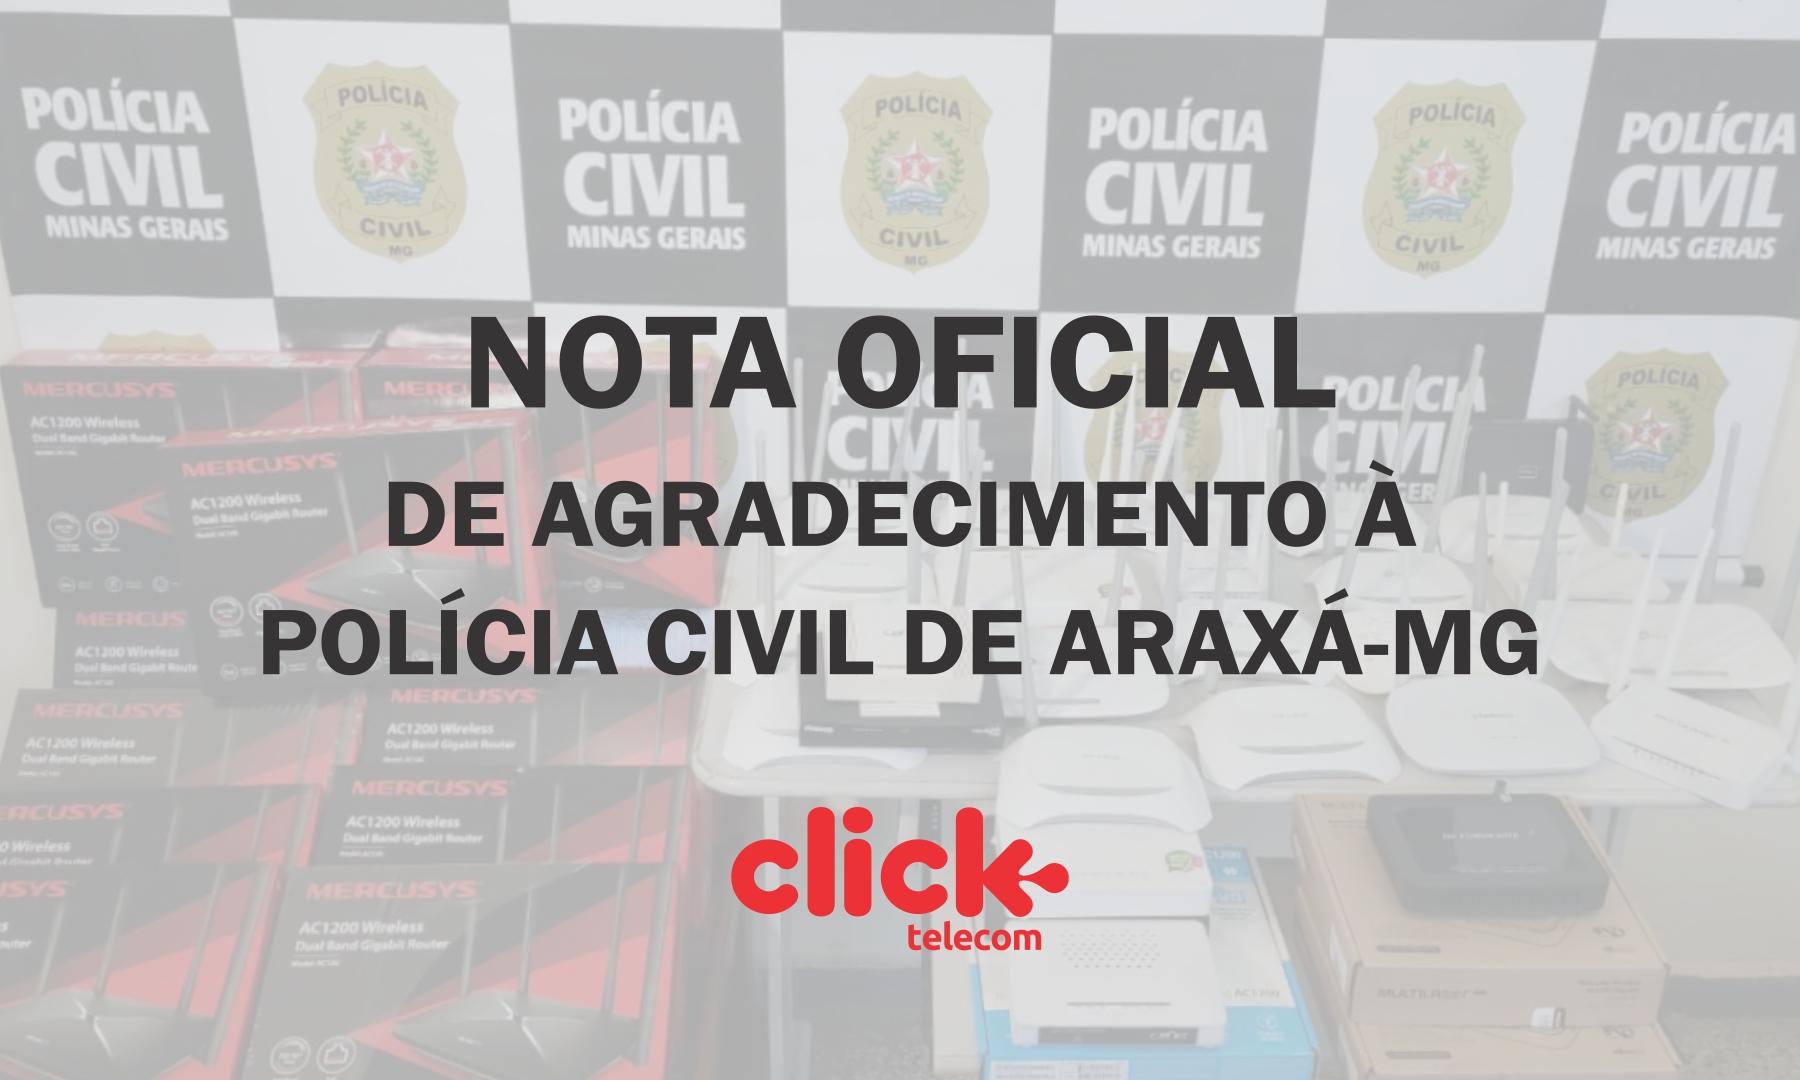 NOTA DE AGRADECIMENTO CLICK TELECOM